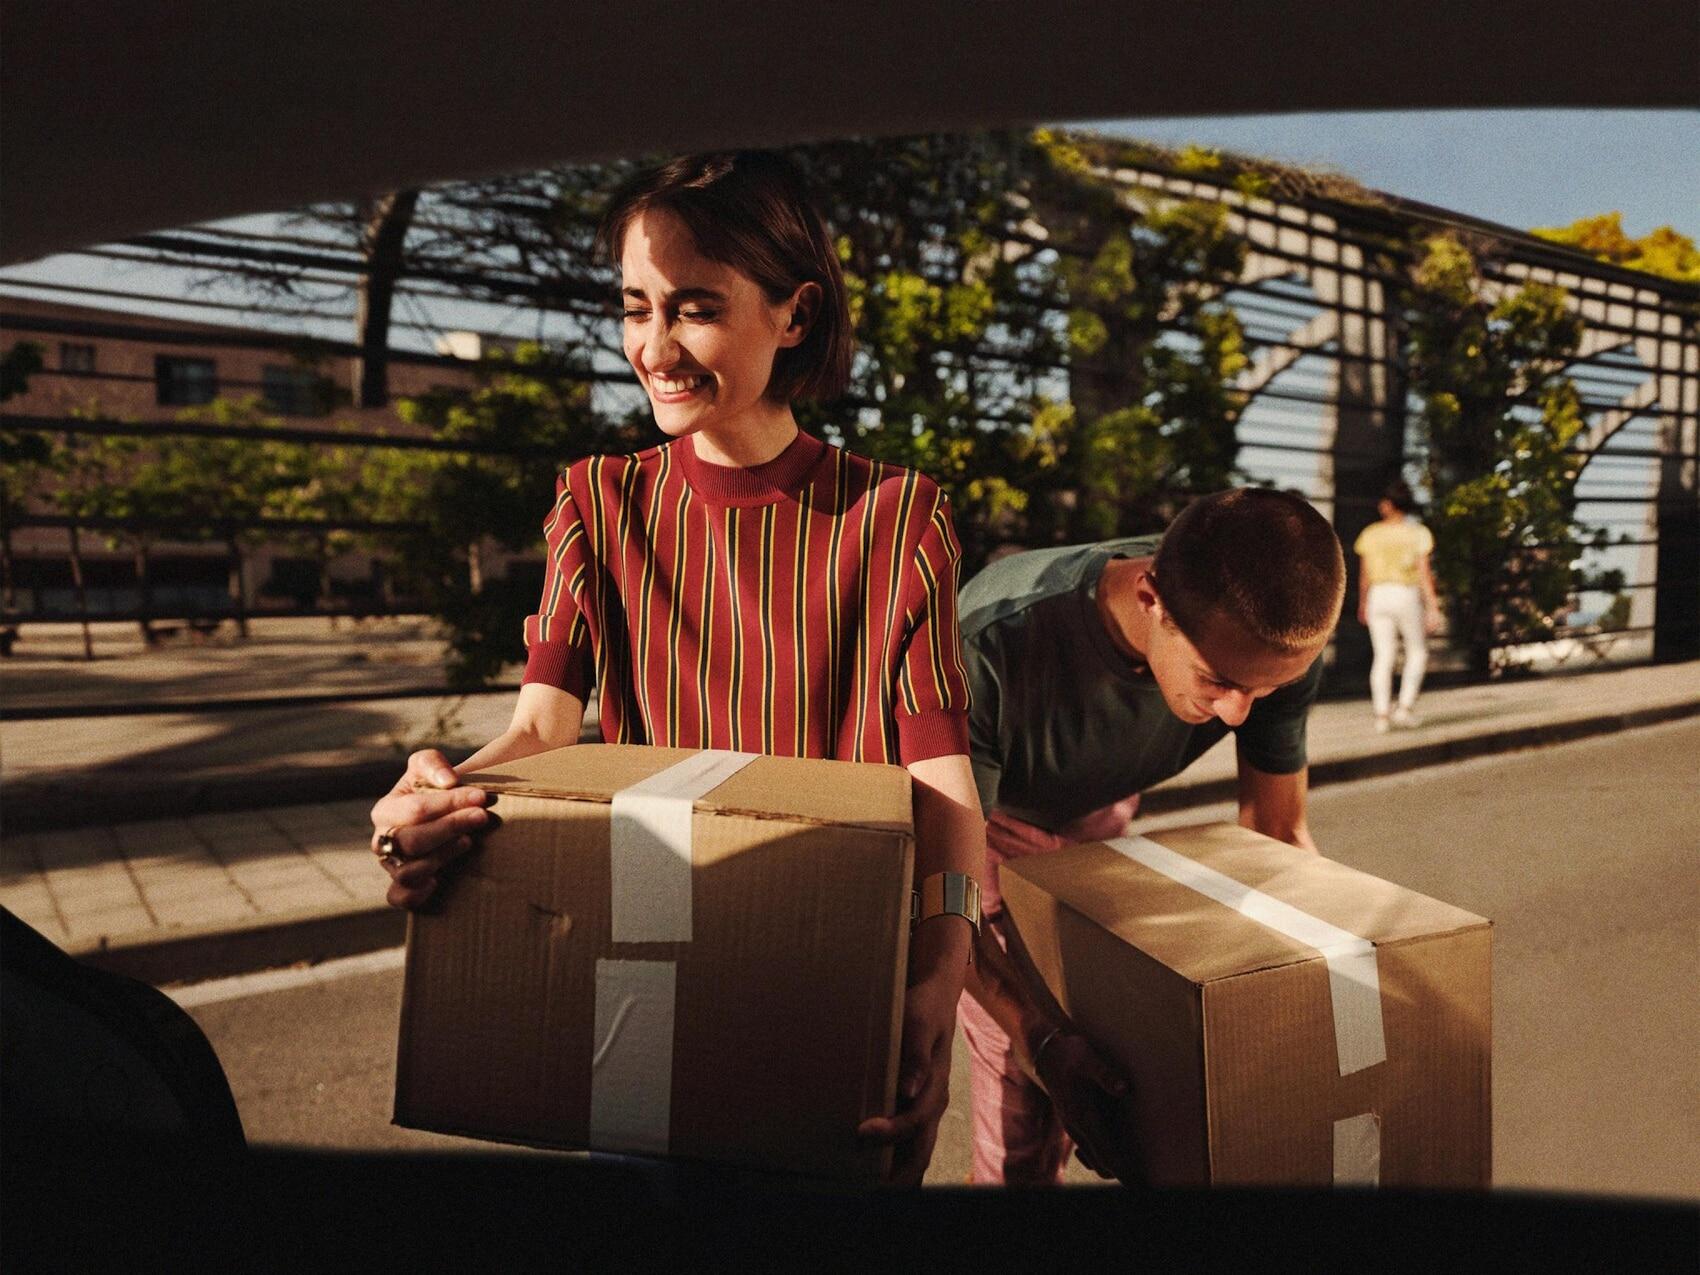 Frau mit Paketen